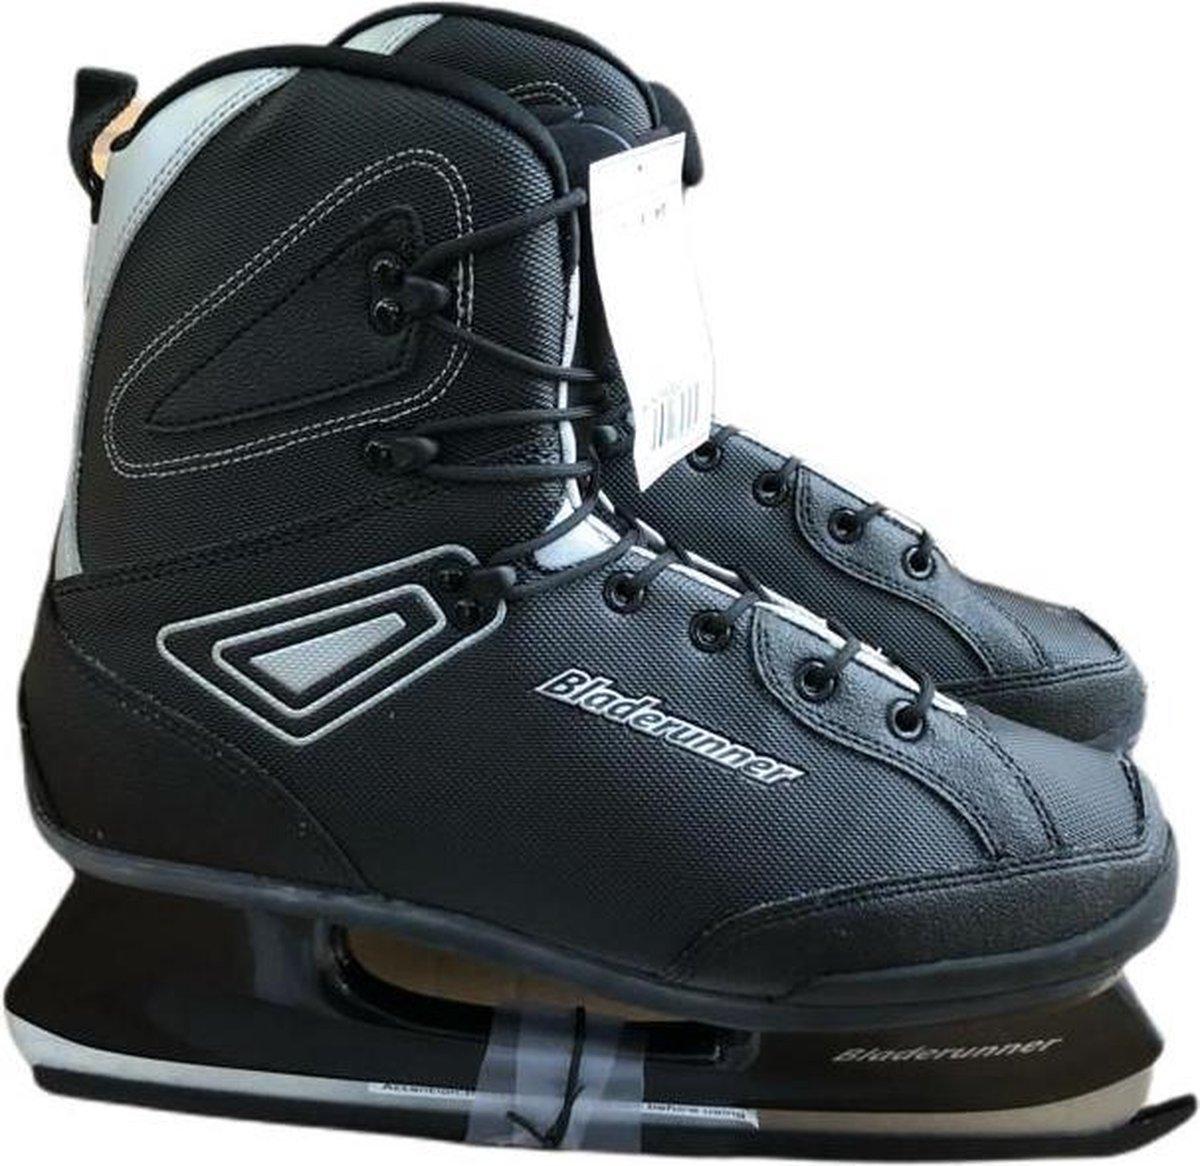 Bladerunner IJshockeyschaats - Hardboot - Zwart/grijs - Maat 45,5